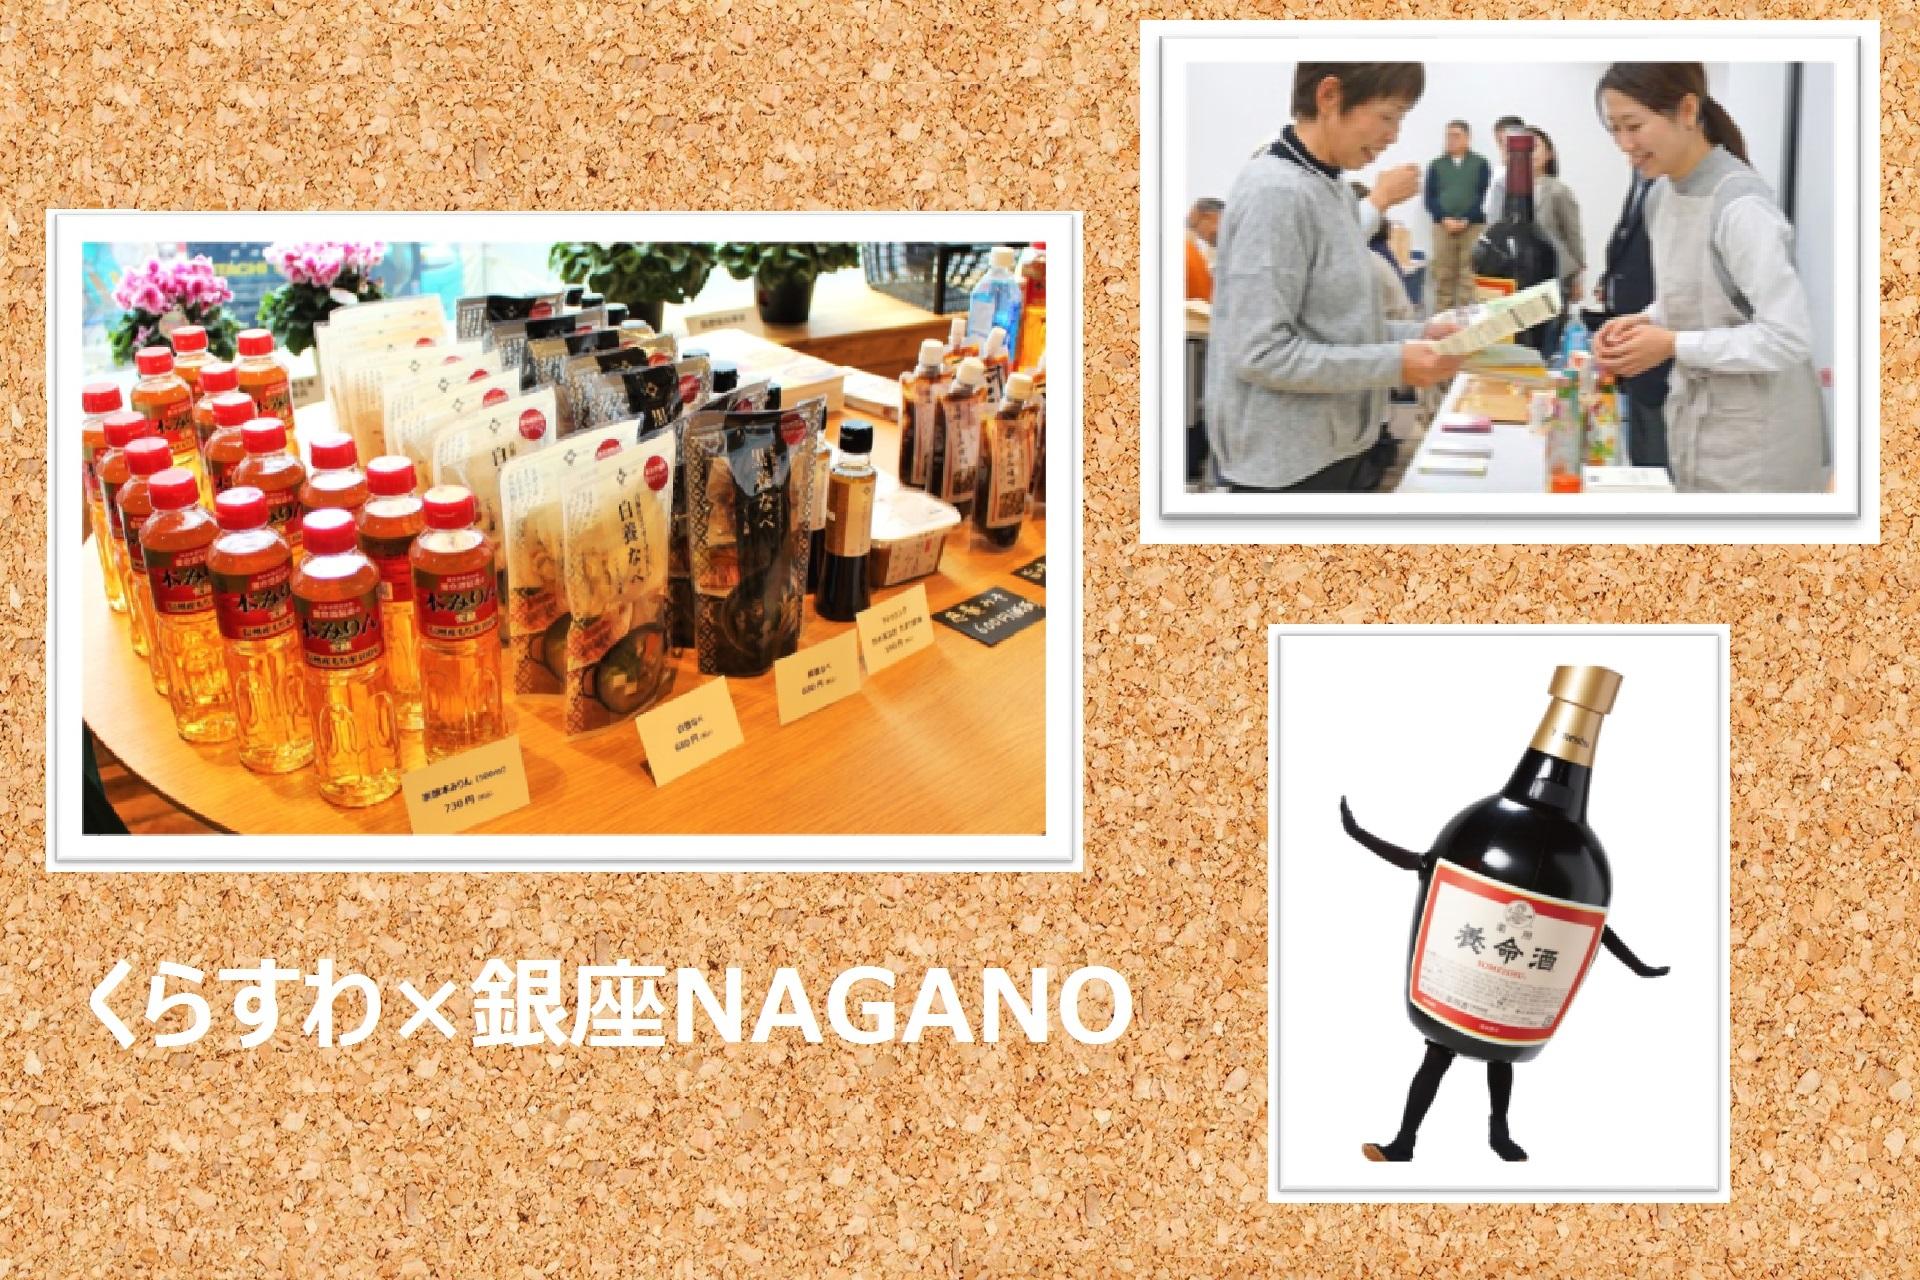 直営ショップ「くらすわ」が銀座NAGANOに特別出展いたします!一覧画像